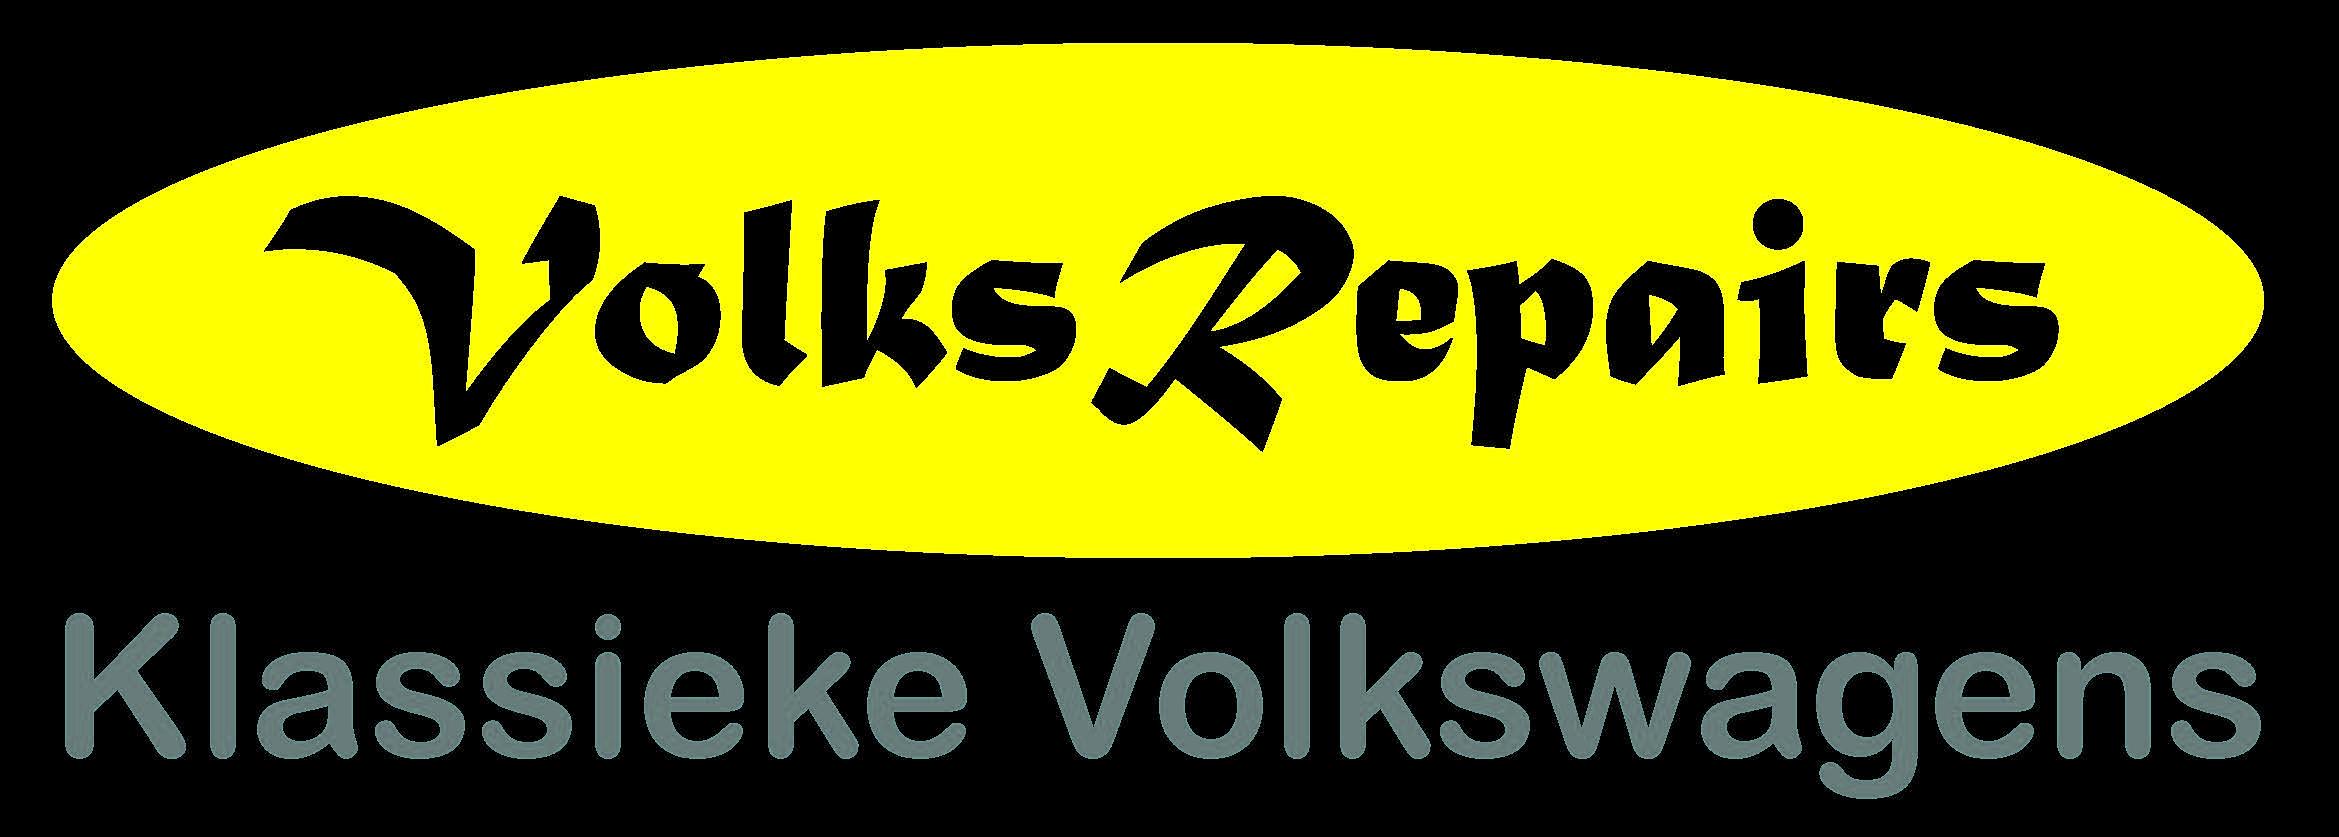 Beoordelingen | VolksRepairs, klassieke Volkswagen garage!